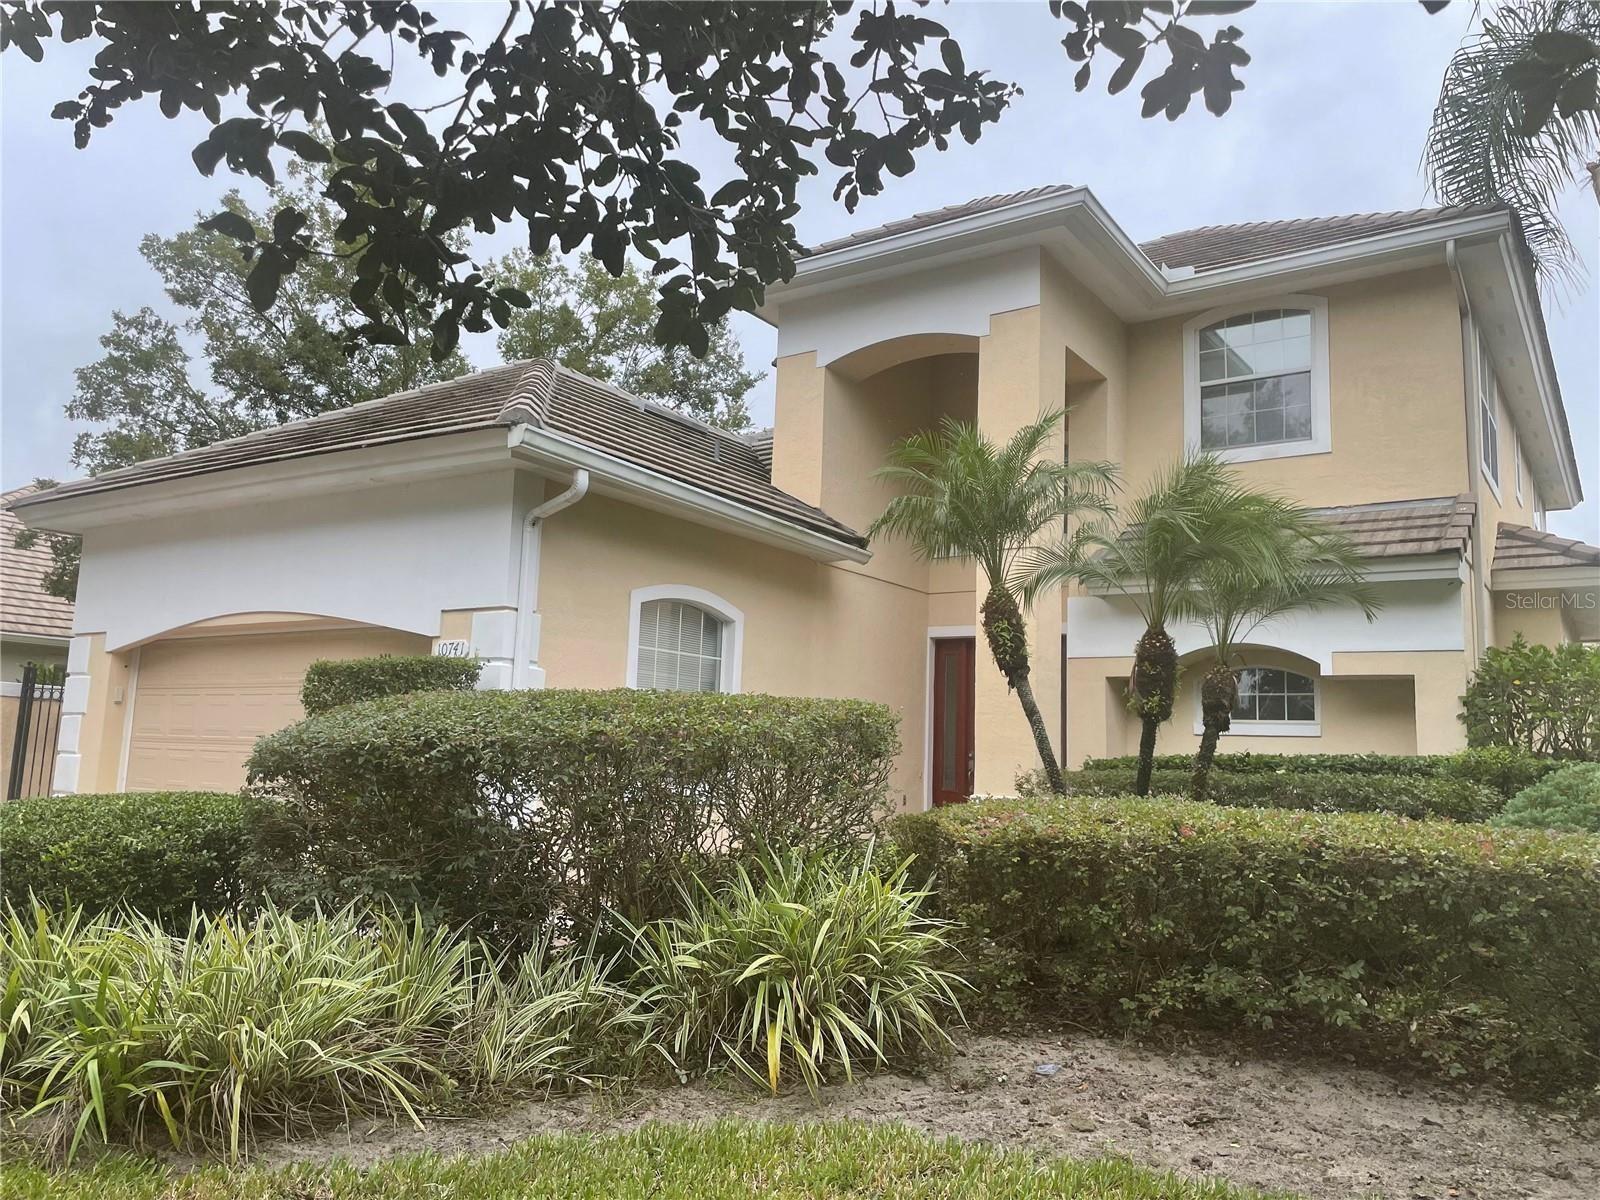 10741 WOODCHASE CIRCLE, Orlando, FL 32836 - #: O5976527